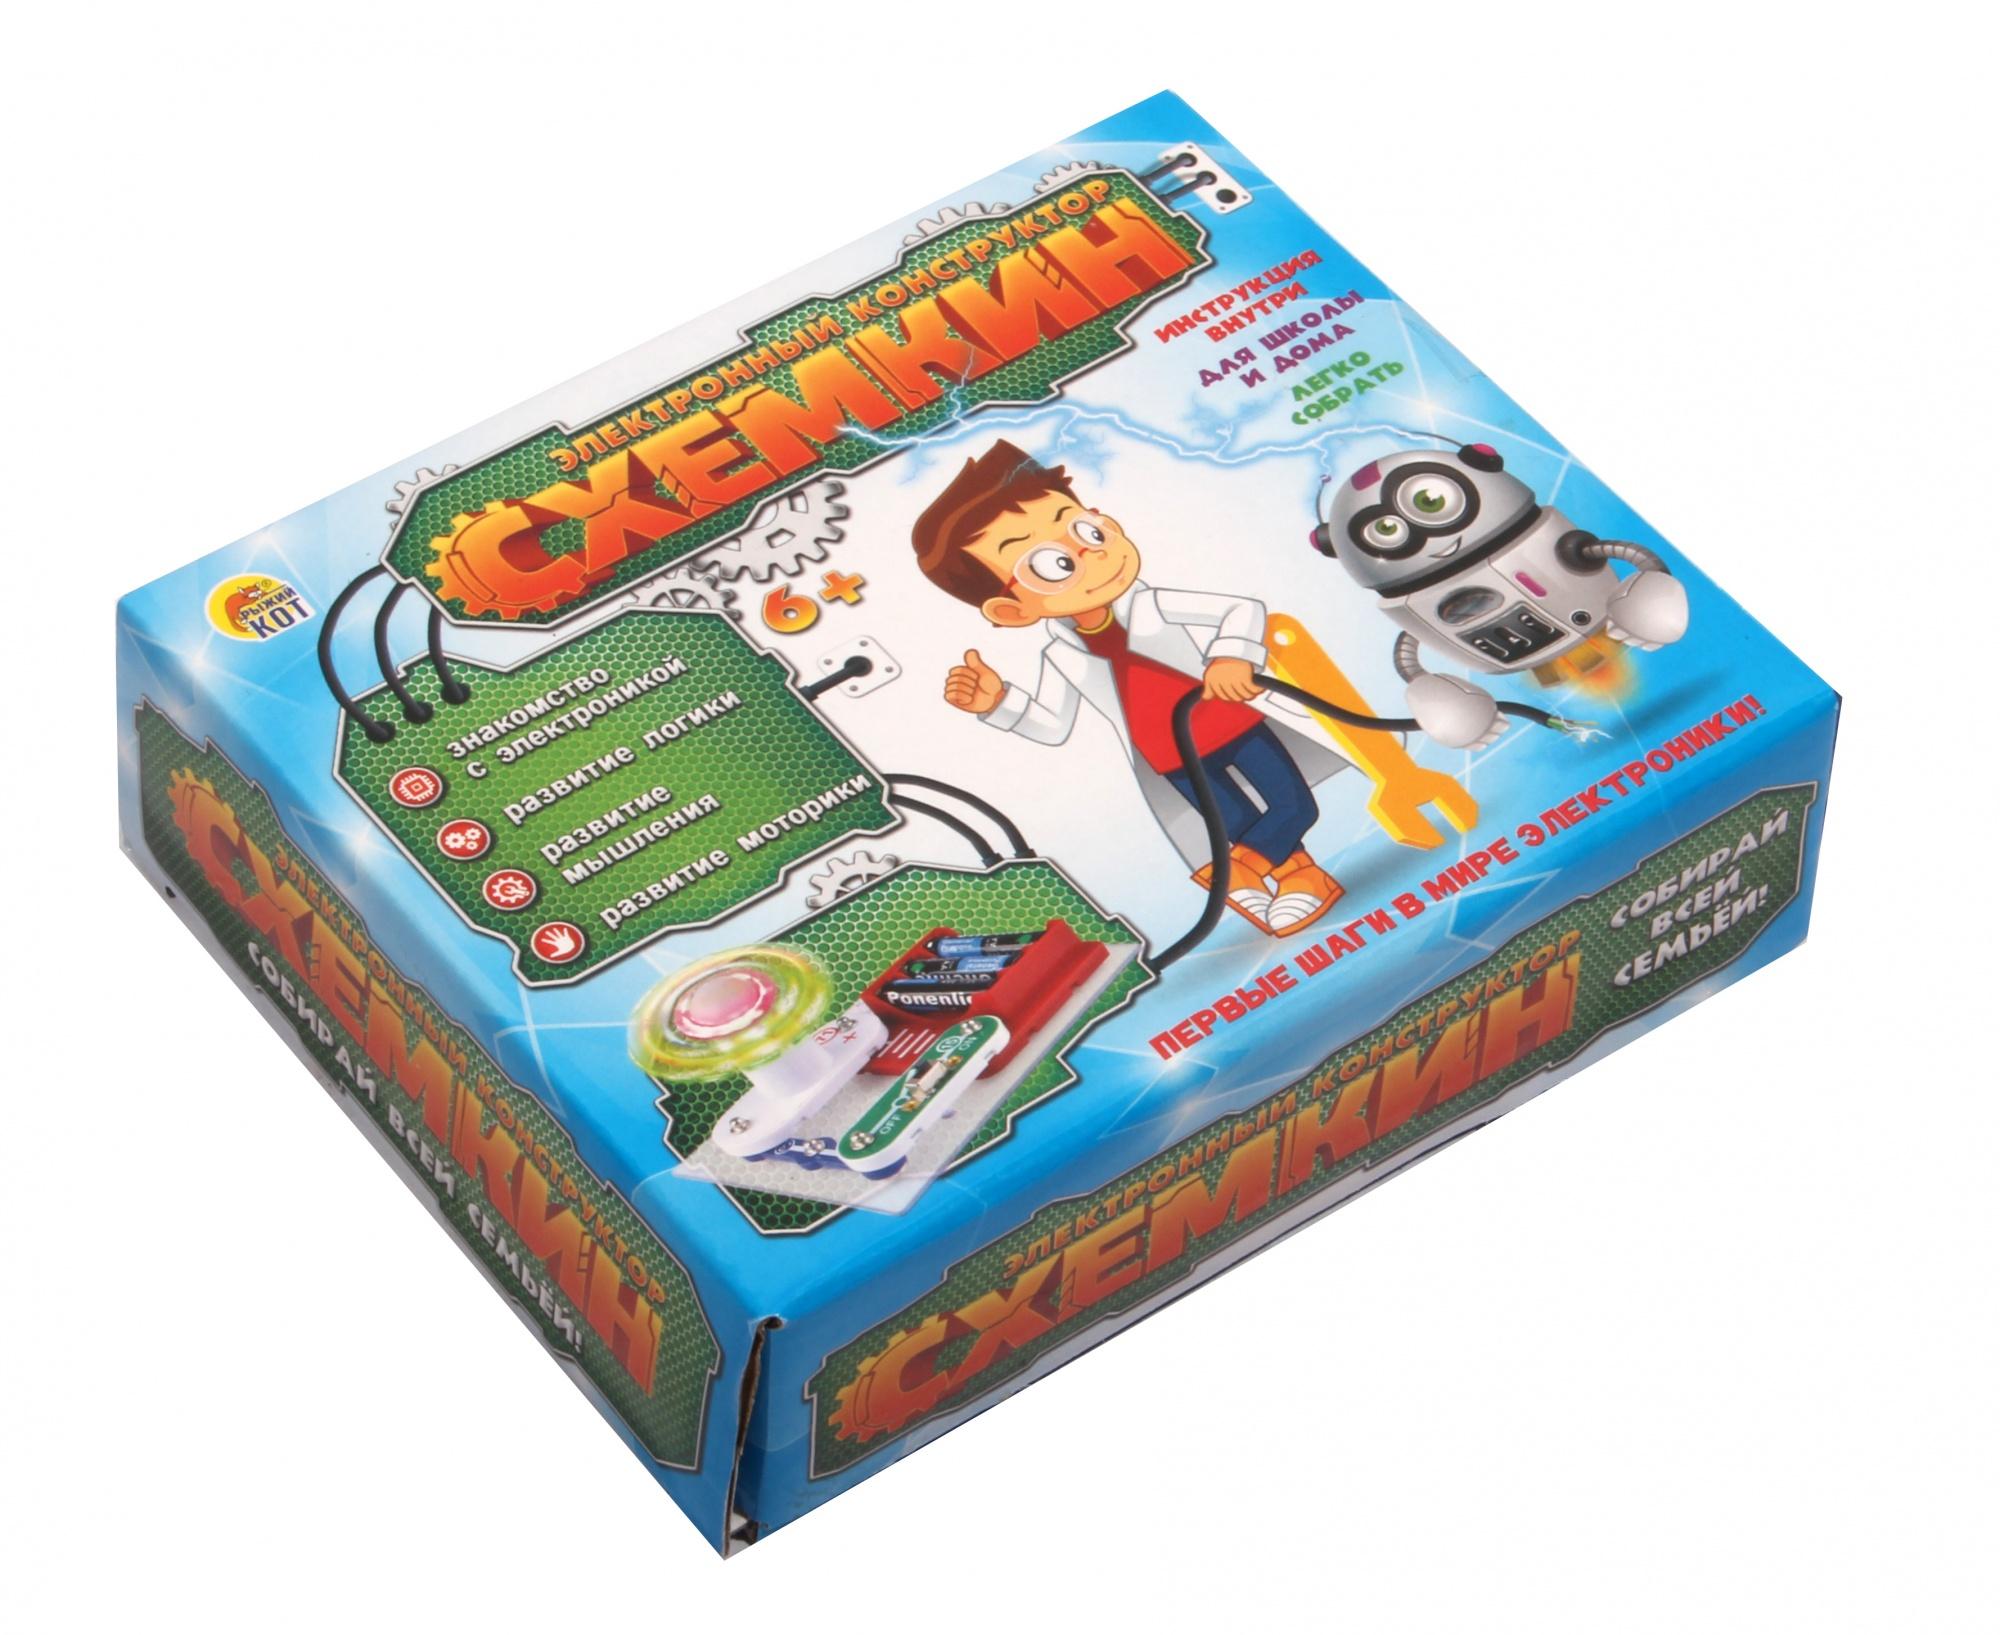 Купить РЫЖИЙ КОТ Конструктор электронный Схемкин. Звуковой динамик, 5 деталей К-6011, Рыжий кот, Детские конструкторы